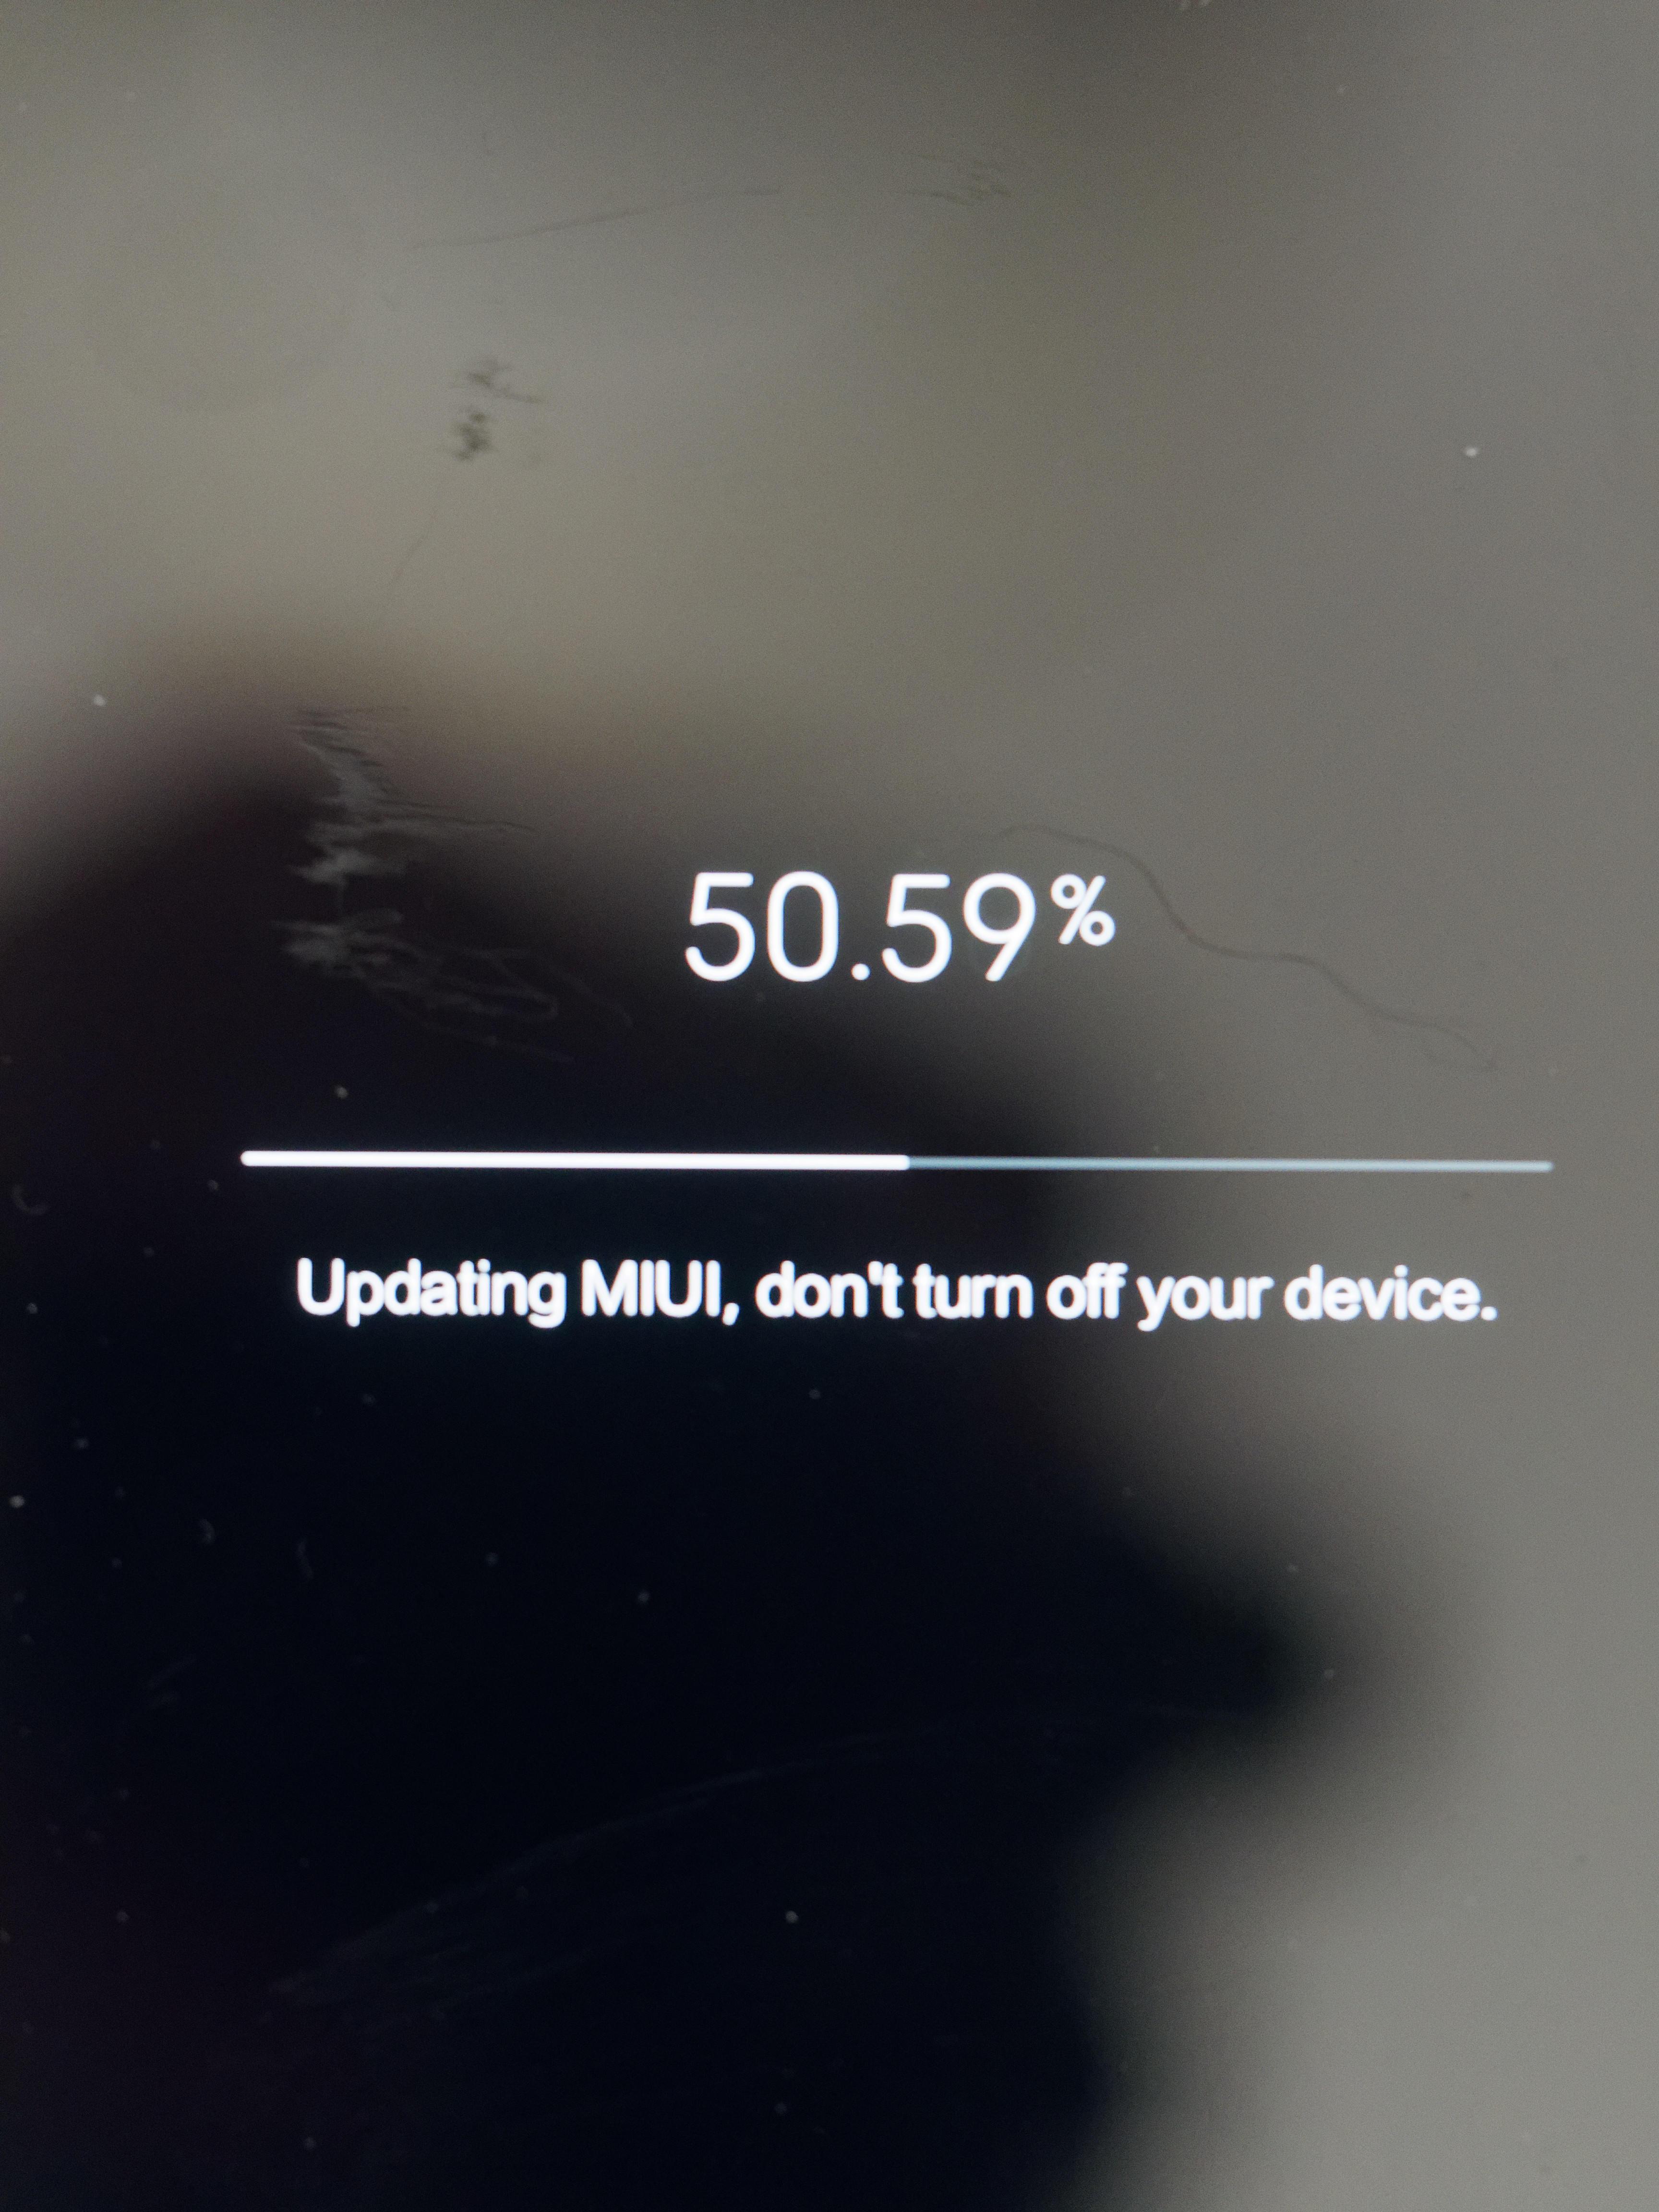 Xiaomi-update-2.jpeg